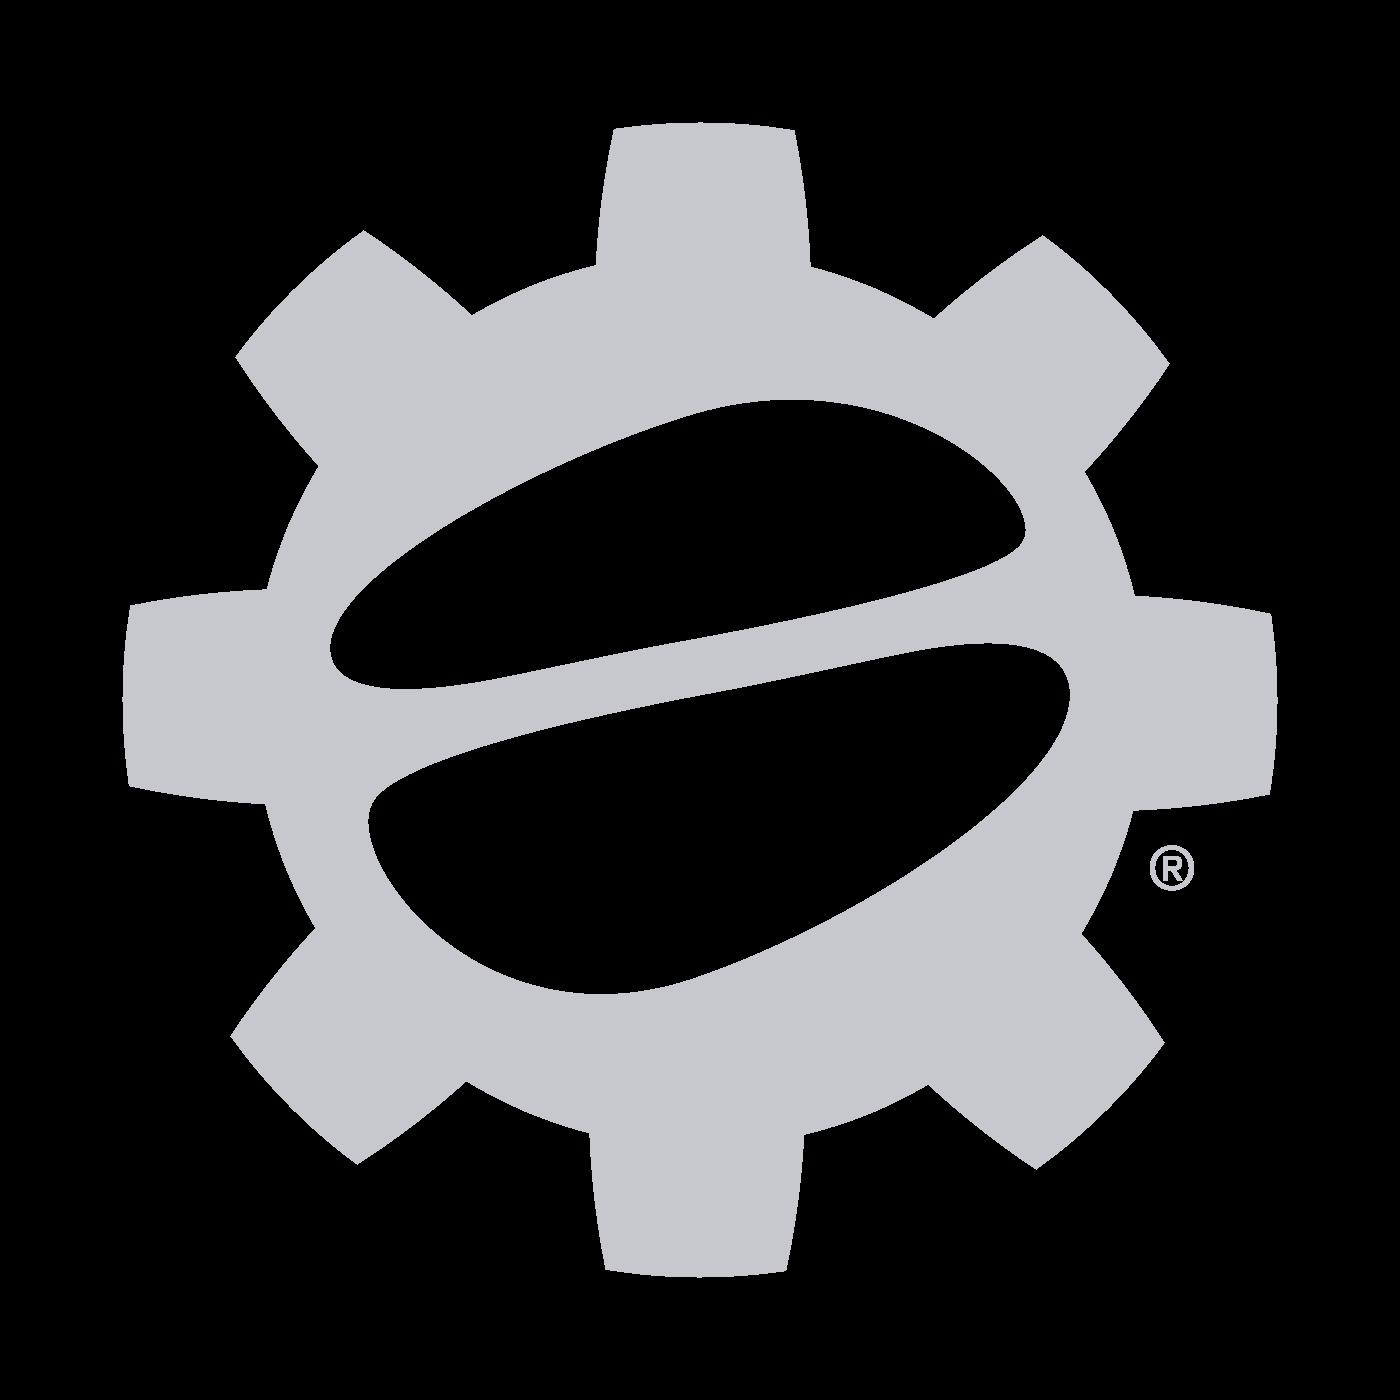 Saeco PicoBaristo Superautomatic Espresso Machine